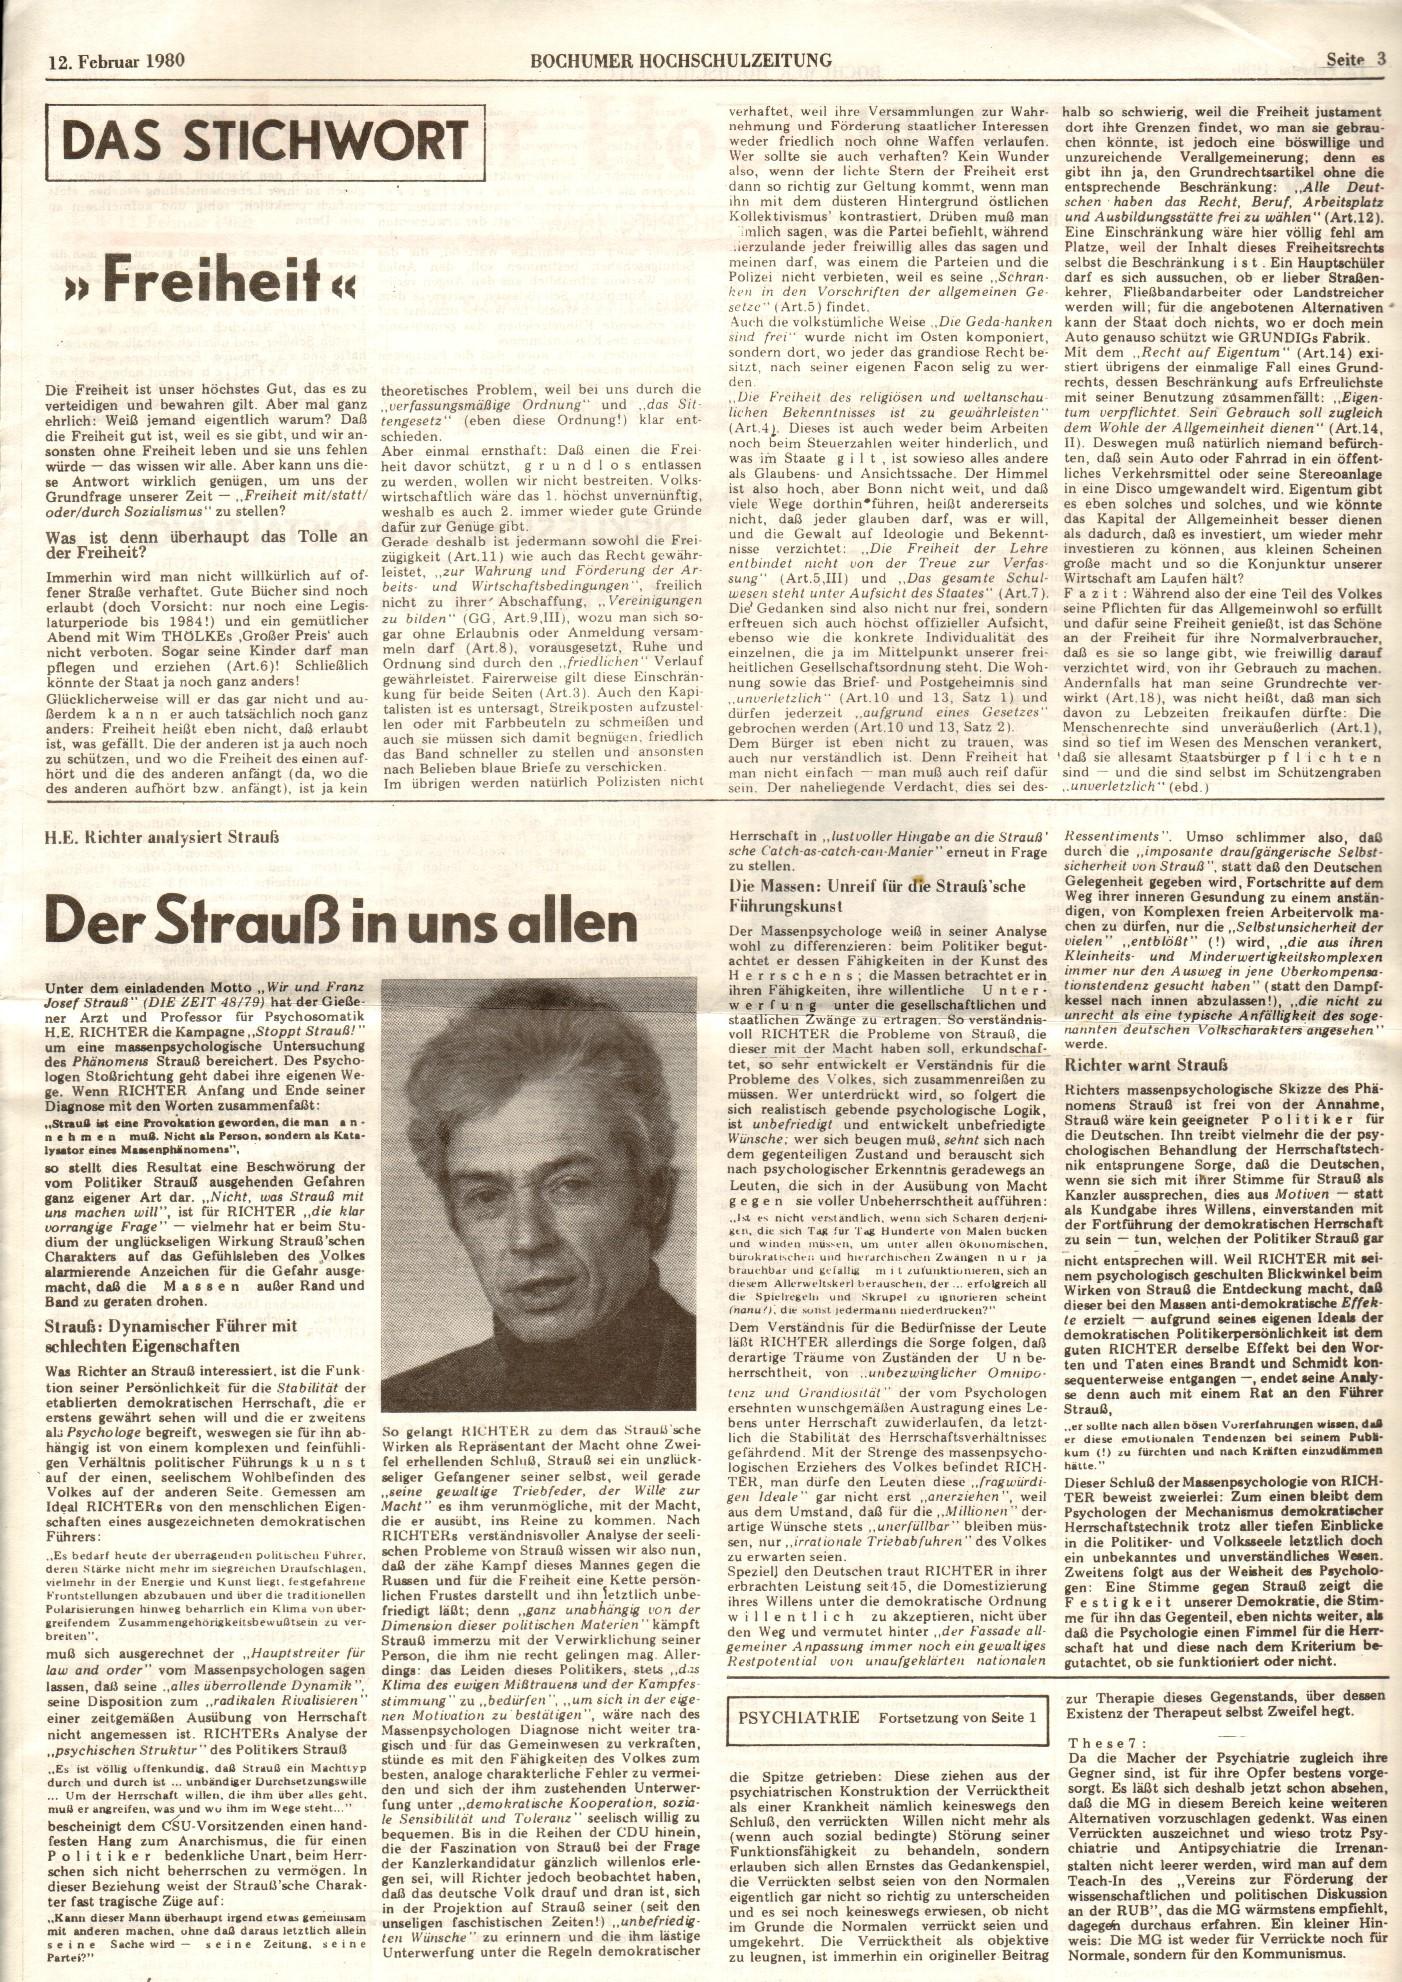 MG_Bochumer_Hochschulzeitung_19800212_03